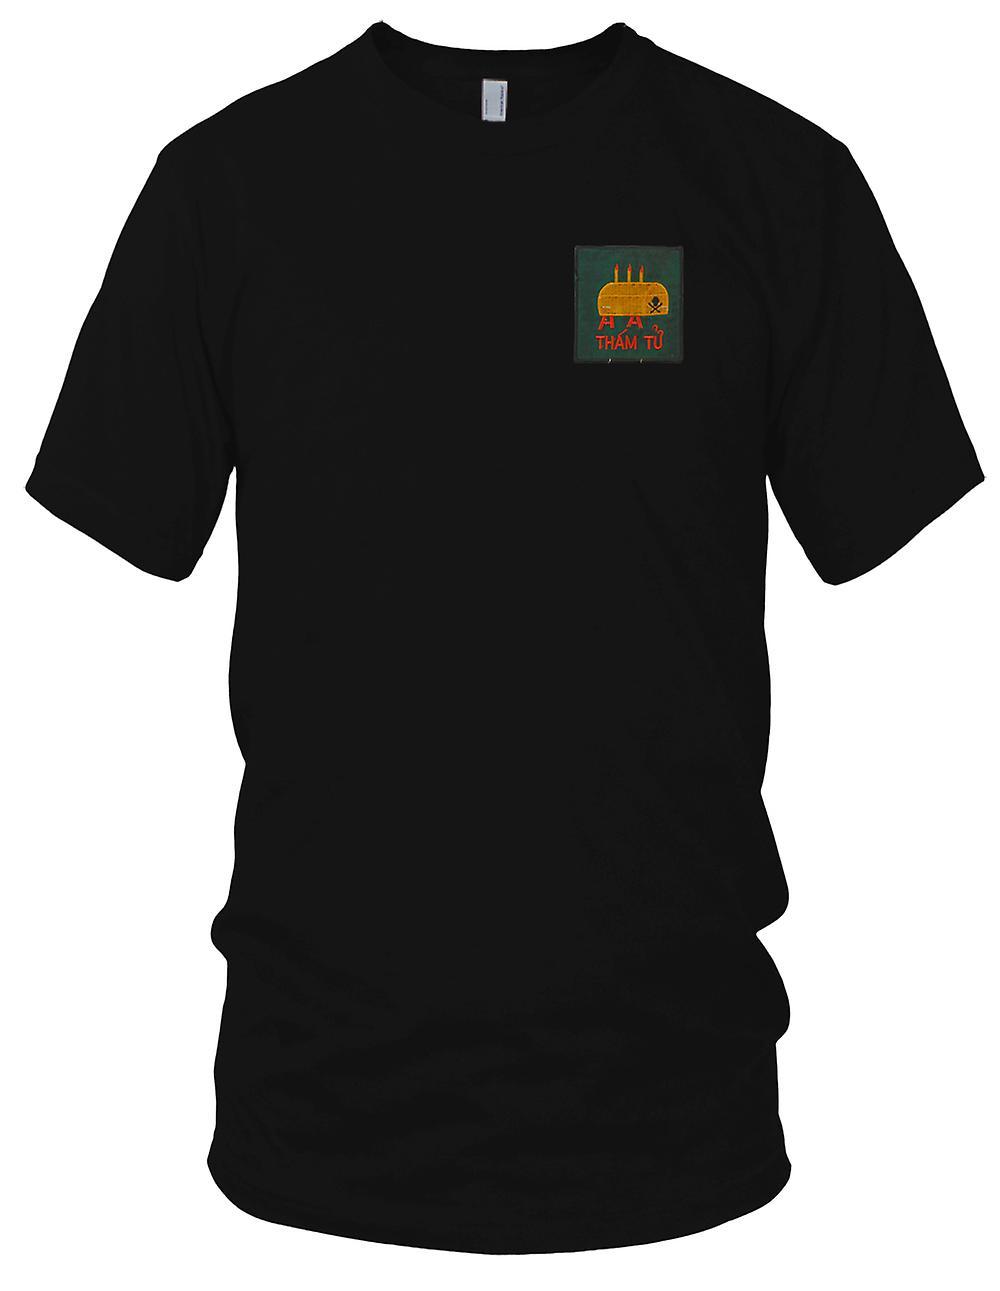 ARVN THAM TU Grenze Beerdigungen MACV MIKE FORCE - Vietnamkrieg gestickt Patch - Herren-T-Shirt